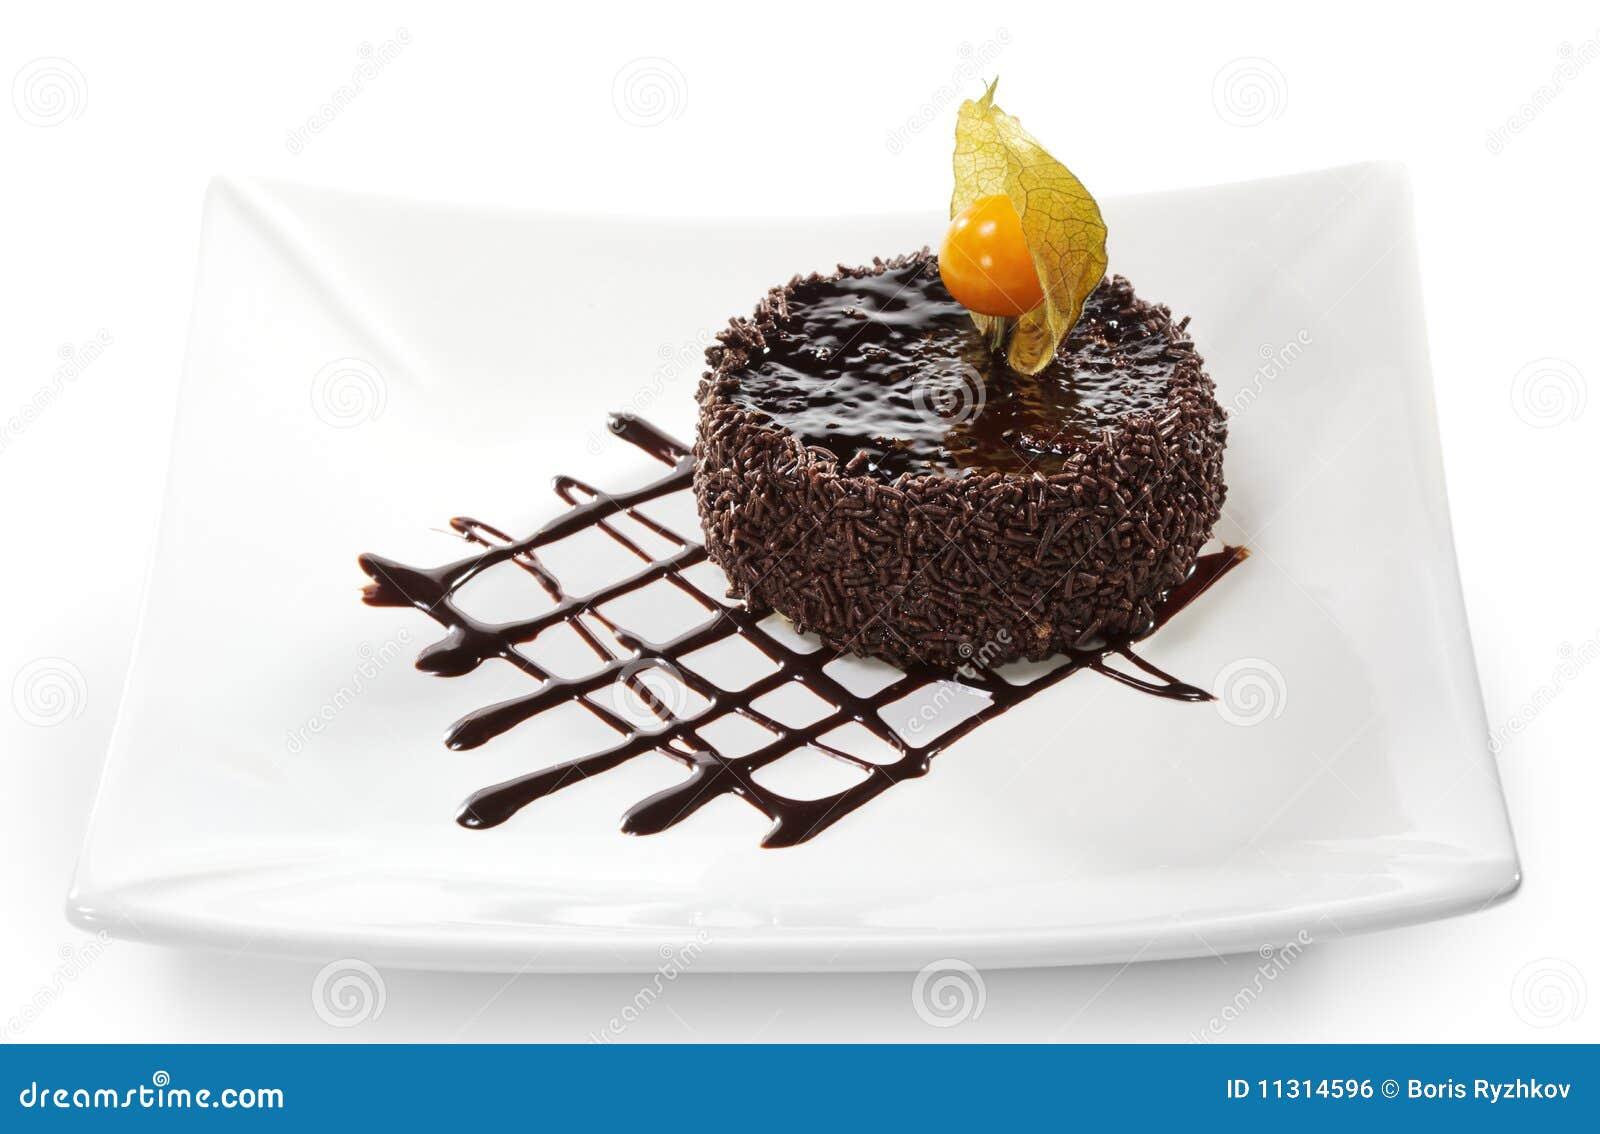 Nachtisch - Schokolade gefrorener Kuchen